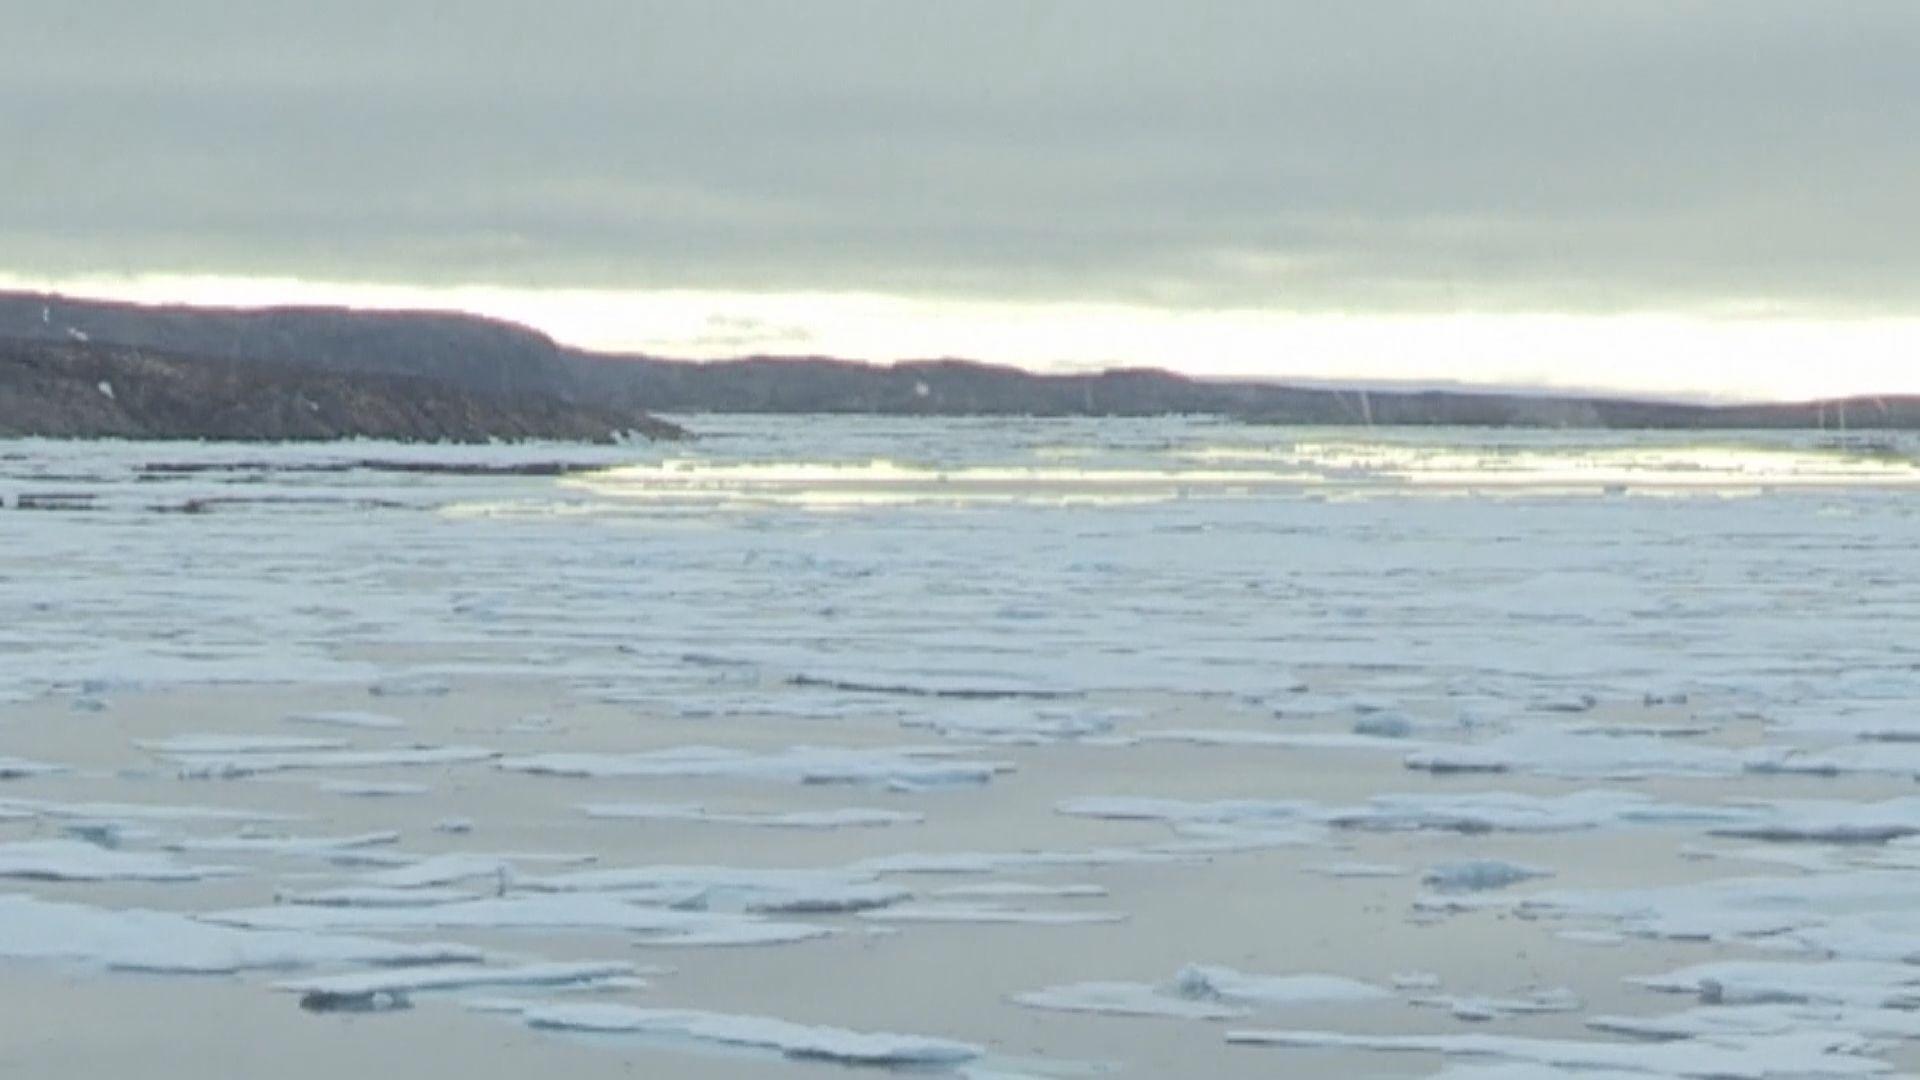 中國提倡一帶一路伸延至北極